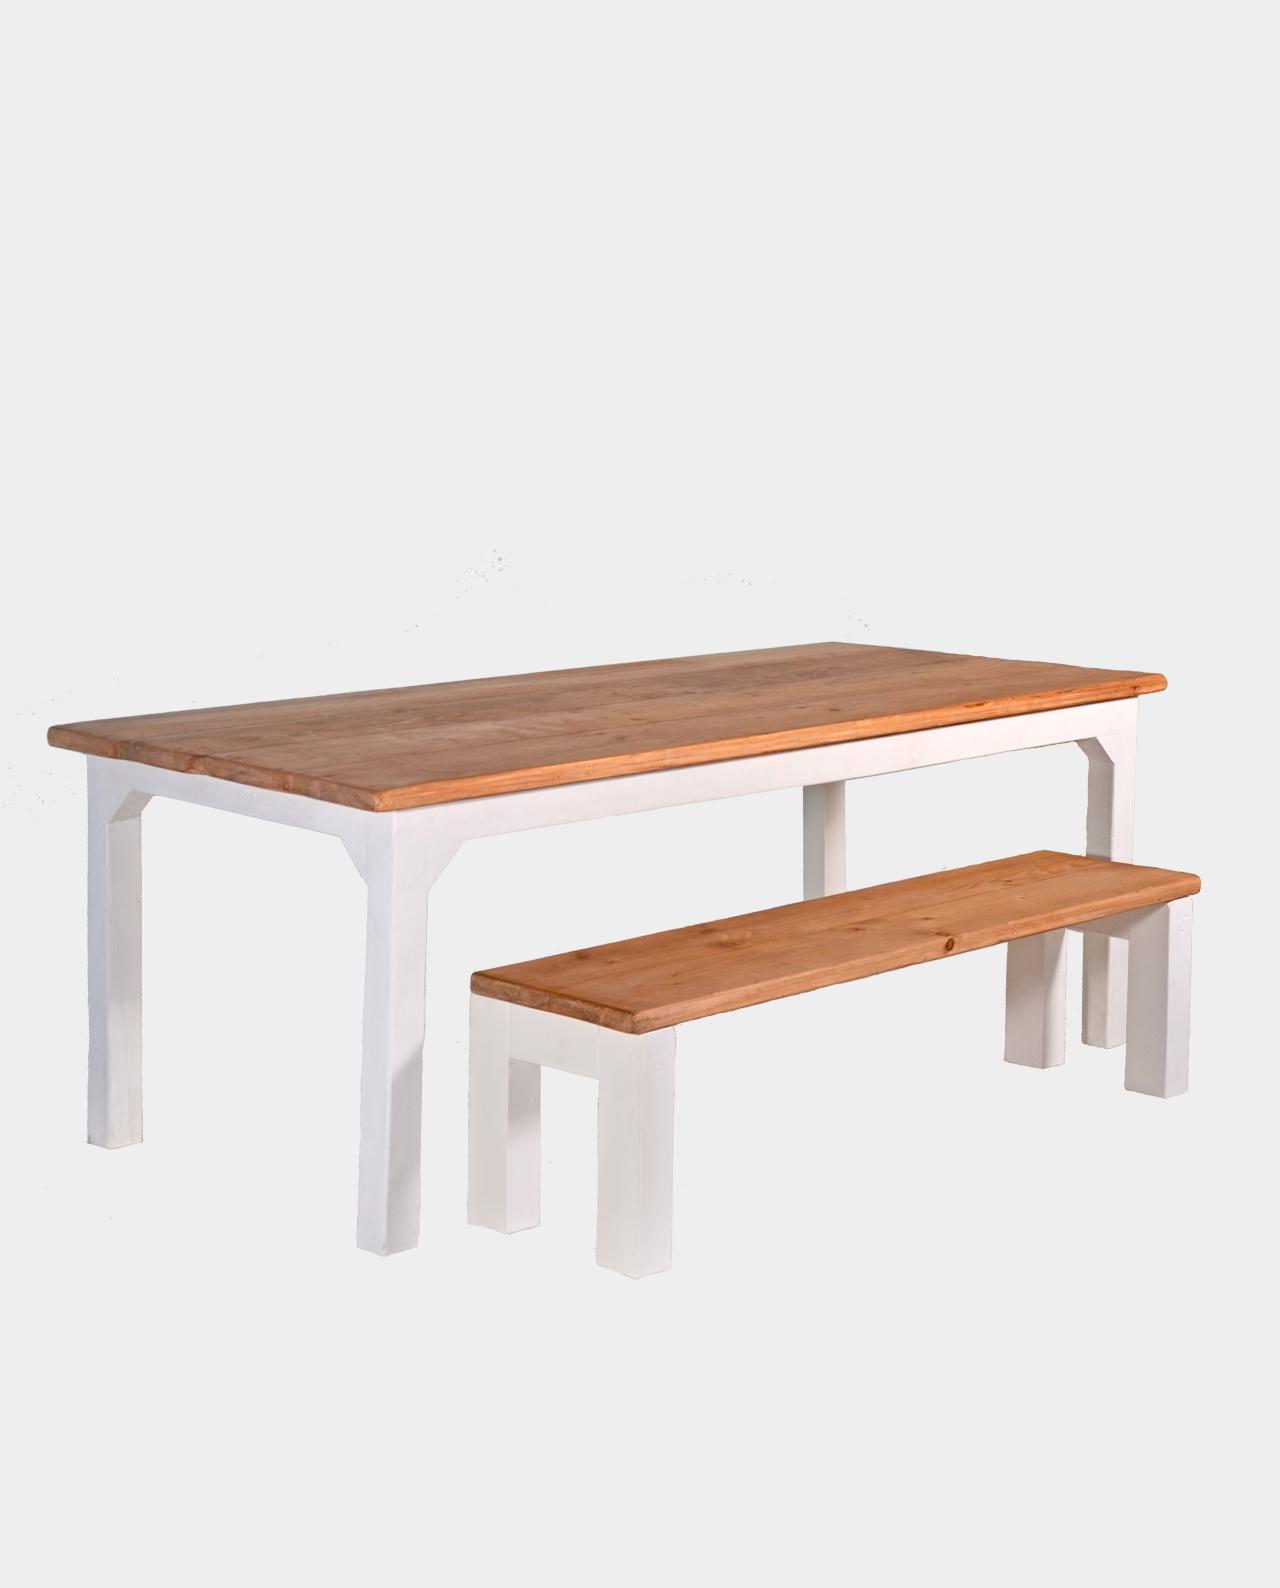 esstisch und sitzbank kotti m bel und deko f r dein zuhause satamo. Black Bedroom Furniture Sets. Home Design Ideas